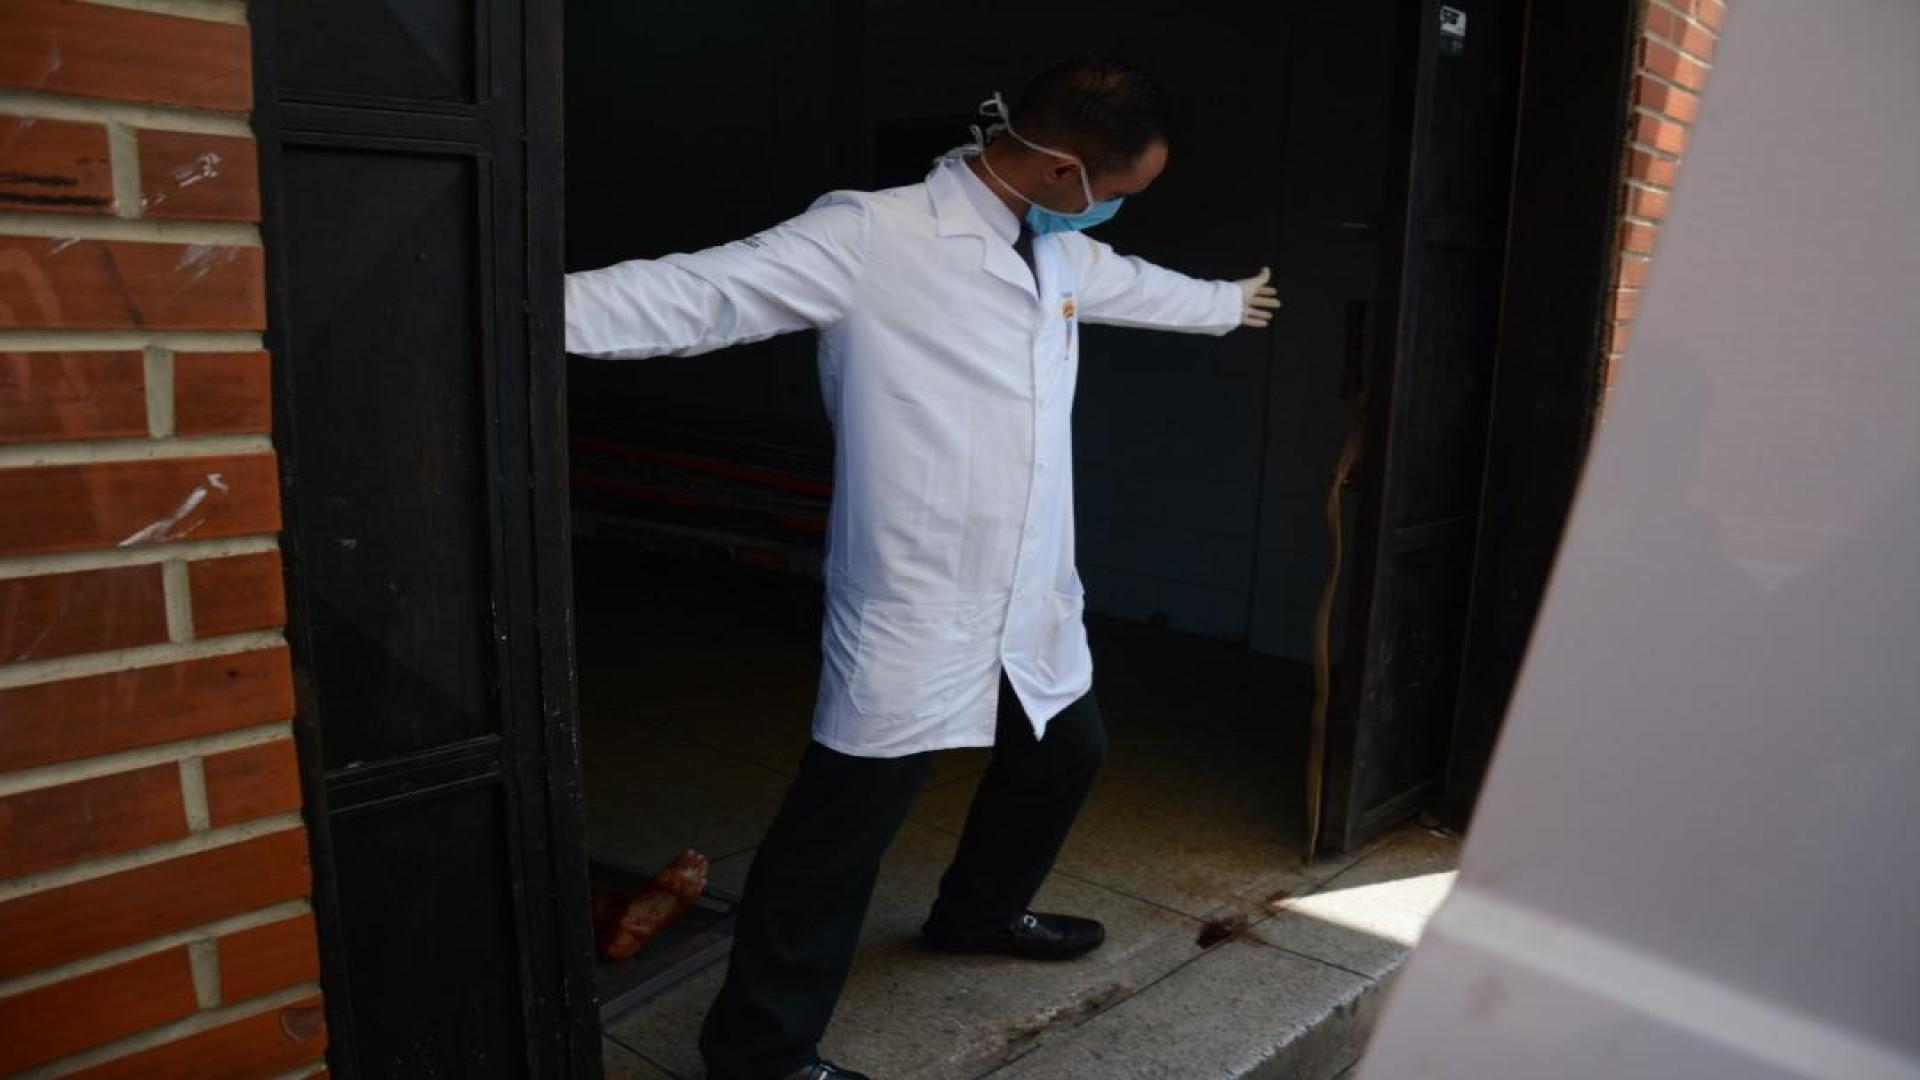 #MonitorDeVíctimas | Denuncian que funcionarios del CICPC asesinaron a un técnico en refrigeración